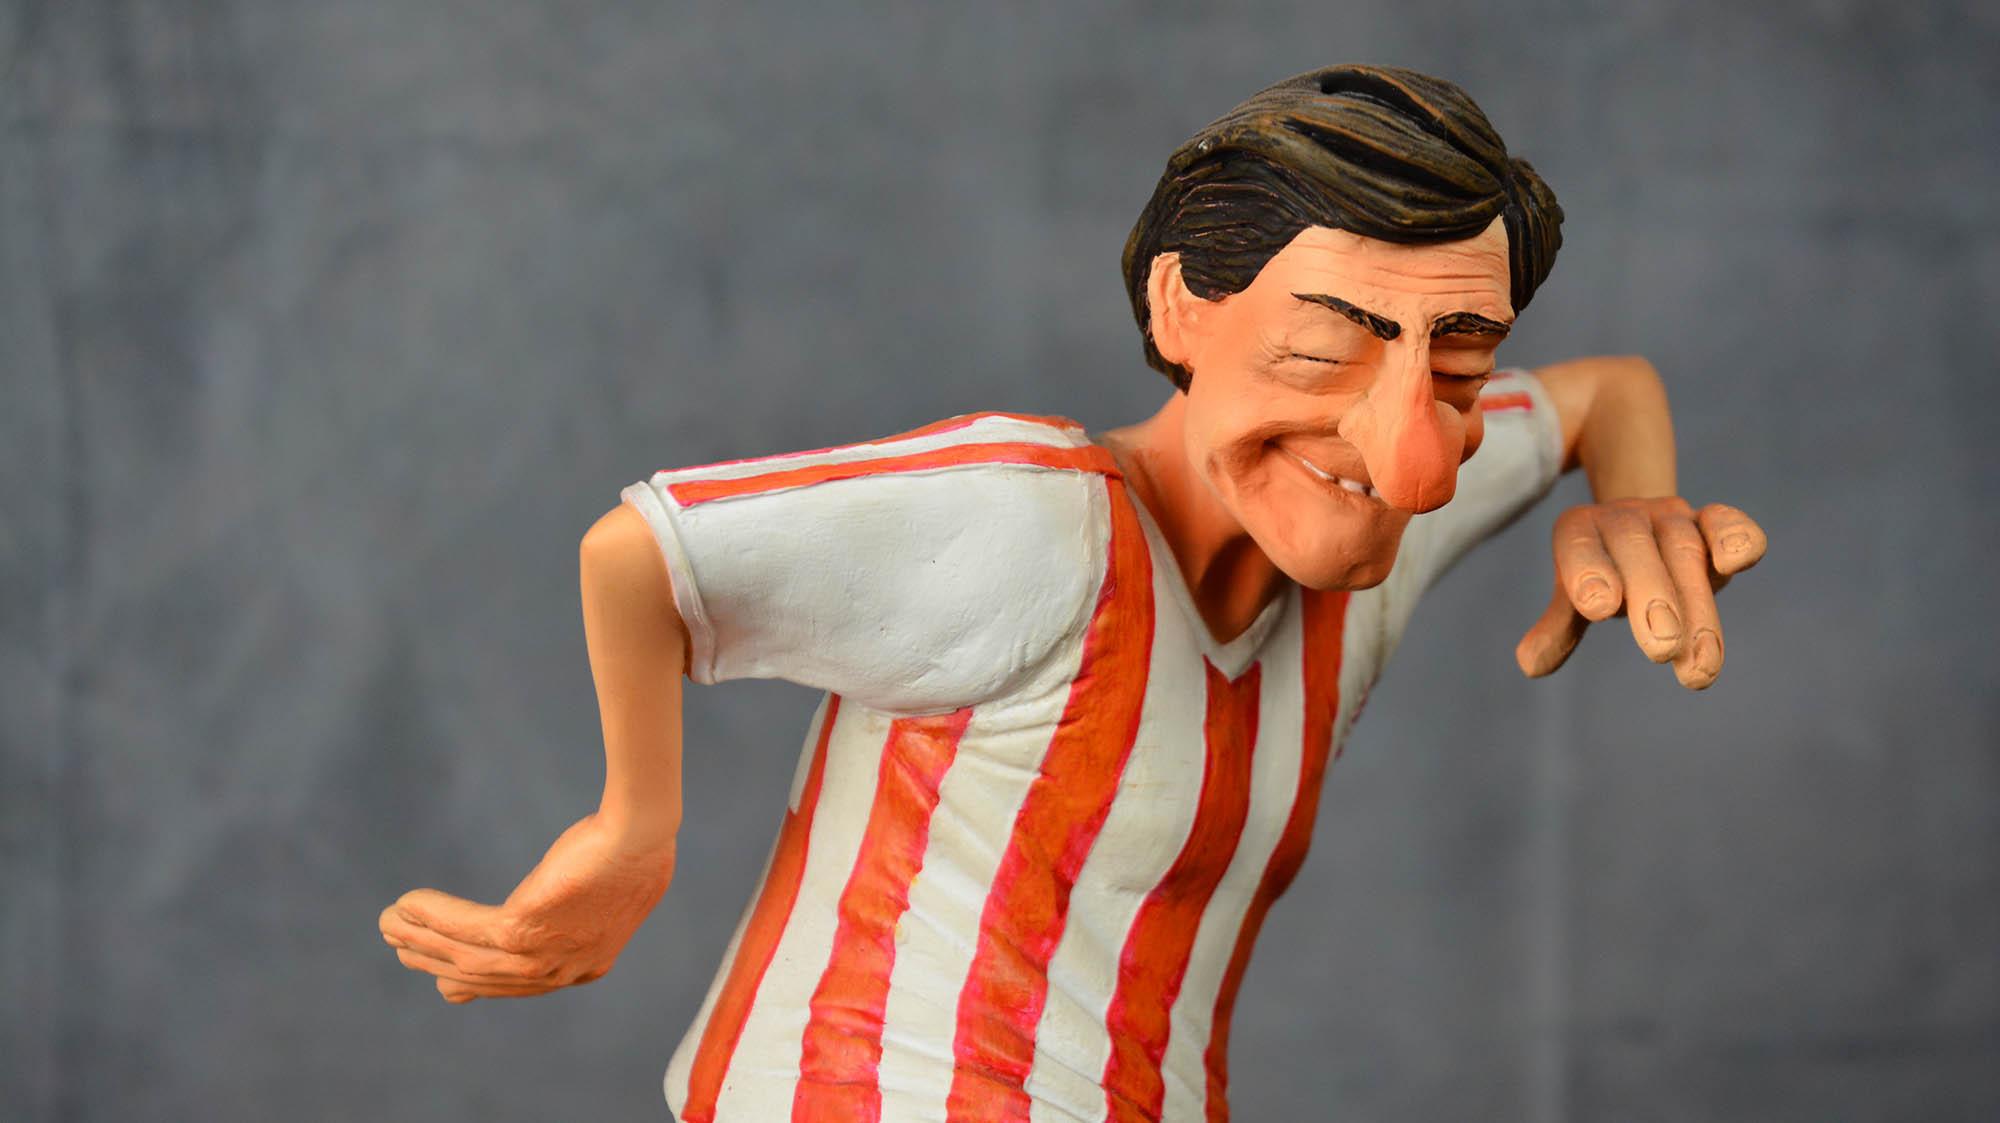 boutique figurine piece artisanale personnage footeux parodie